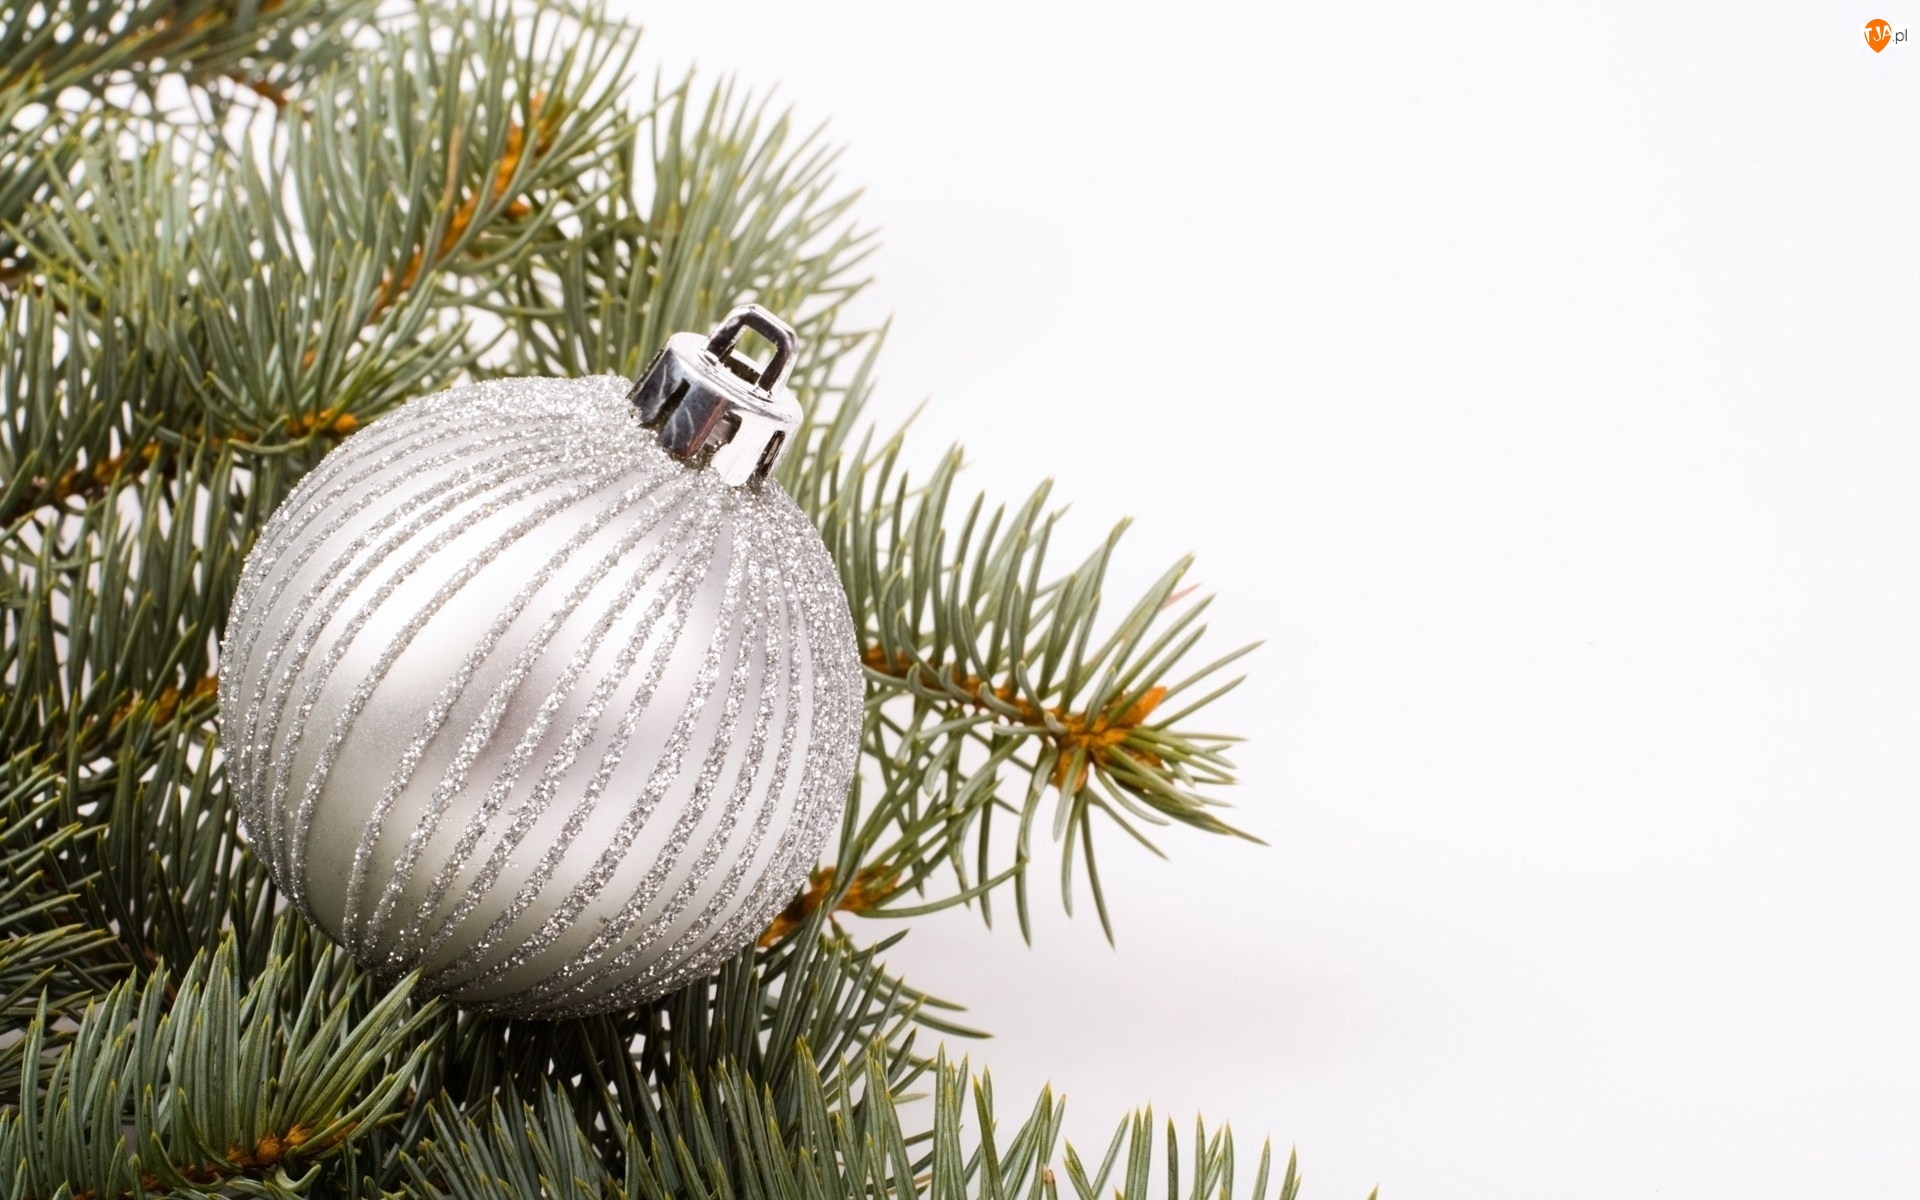 Srebrna, Bombka, Dekoracja, Białe, Boże Narodzenie, Tło, Świąteczna, Gałązki